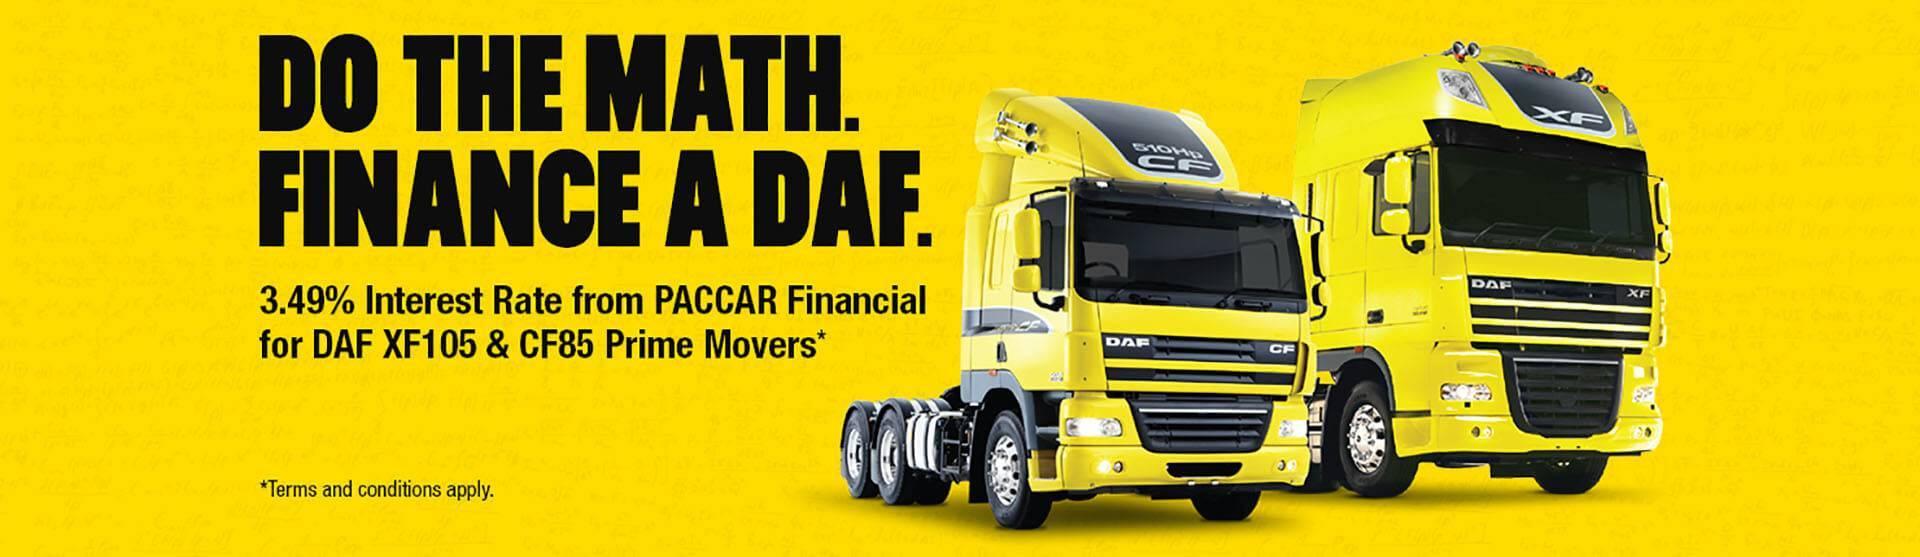 DAF Financing Offer